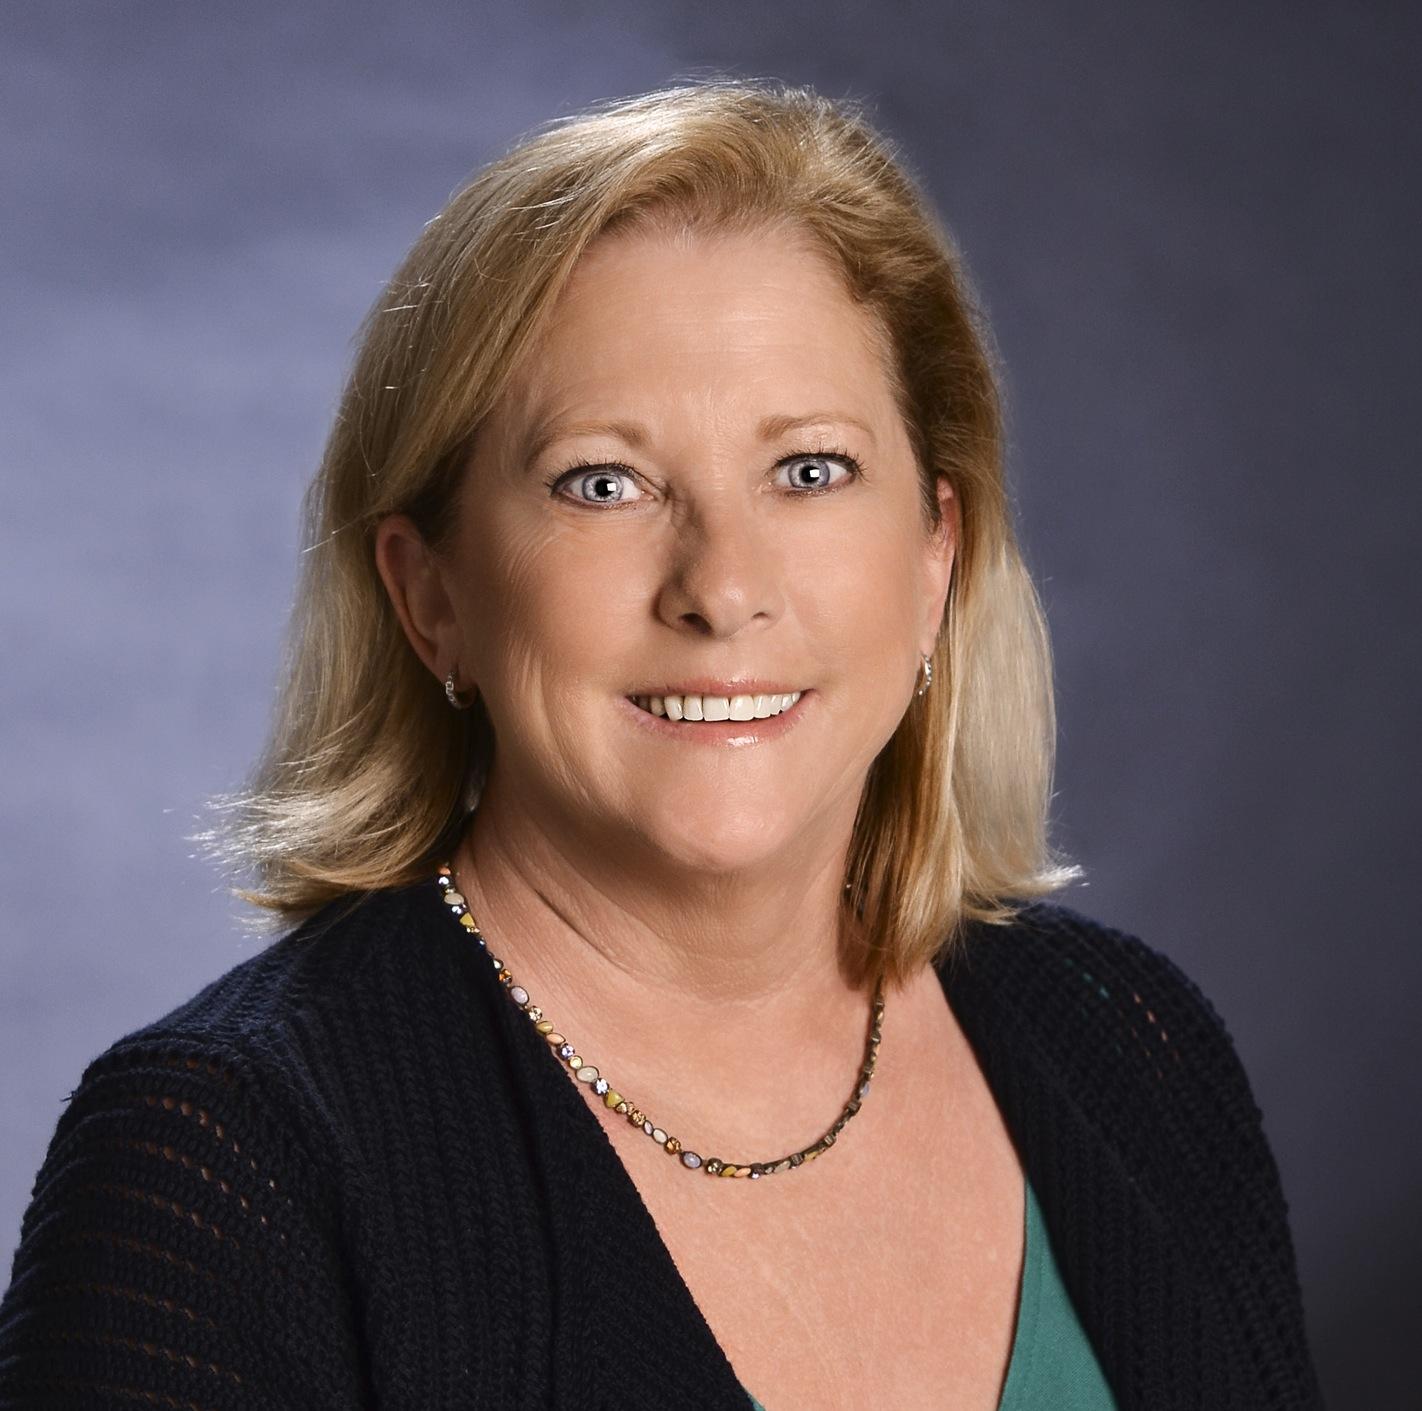 Julie Hardie